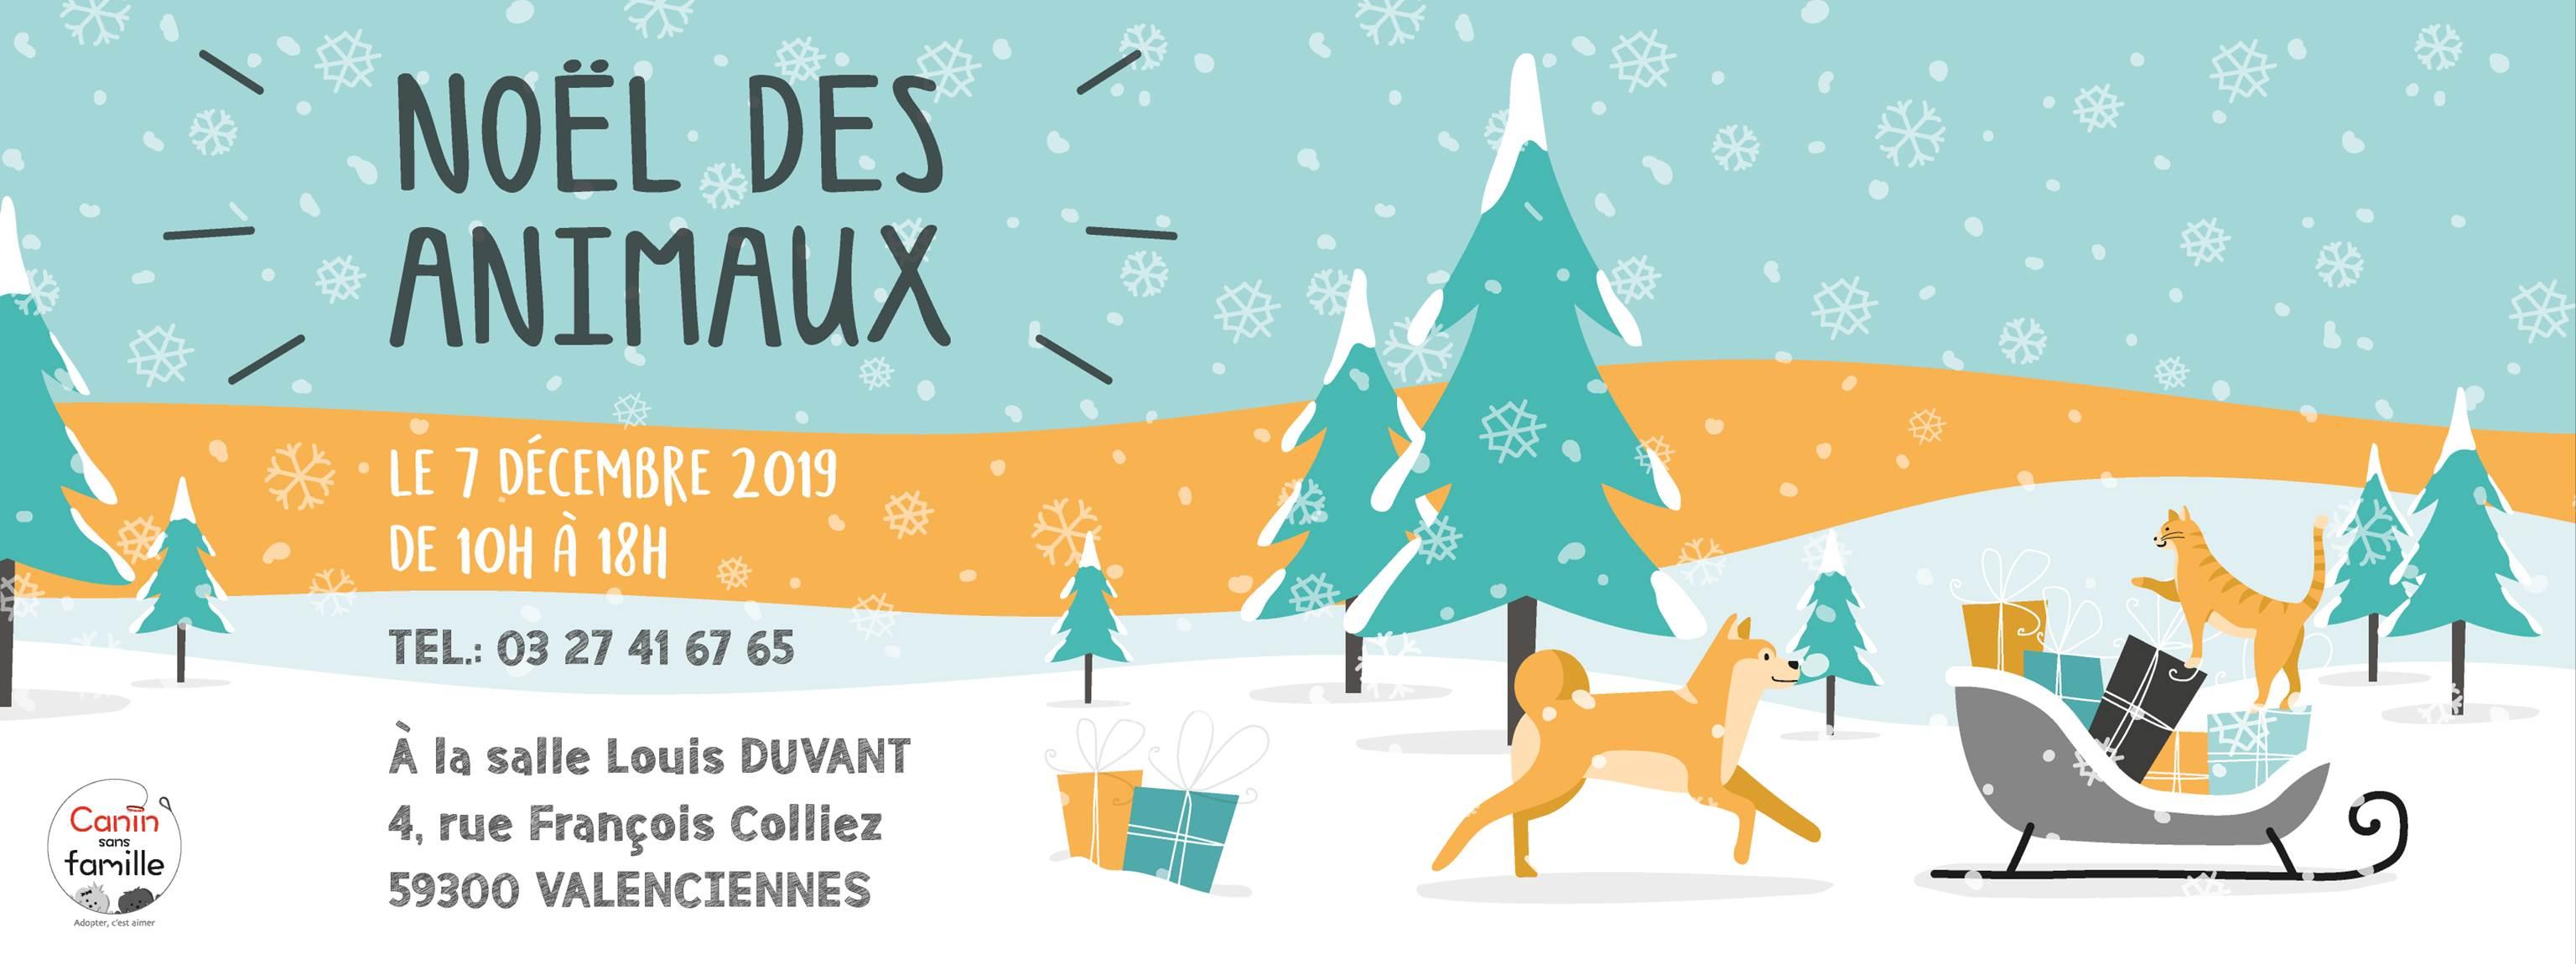 Noël des animaux de Canin Sans Famille (Valenciennes)